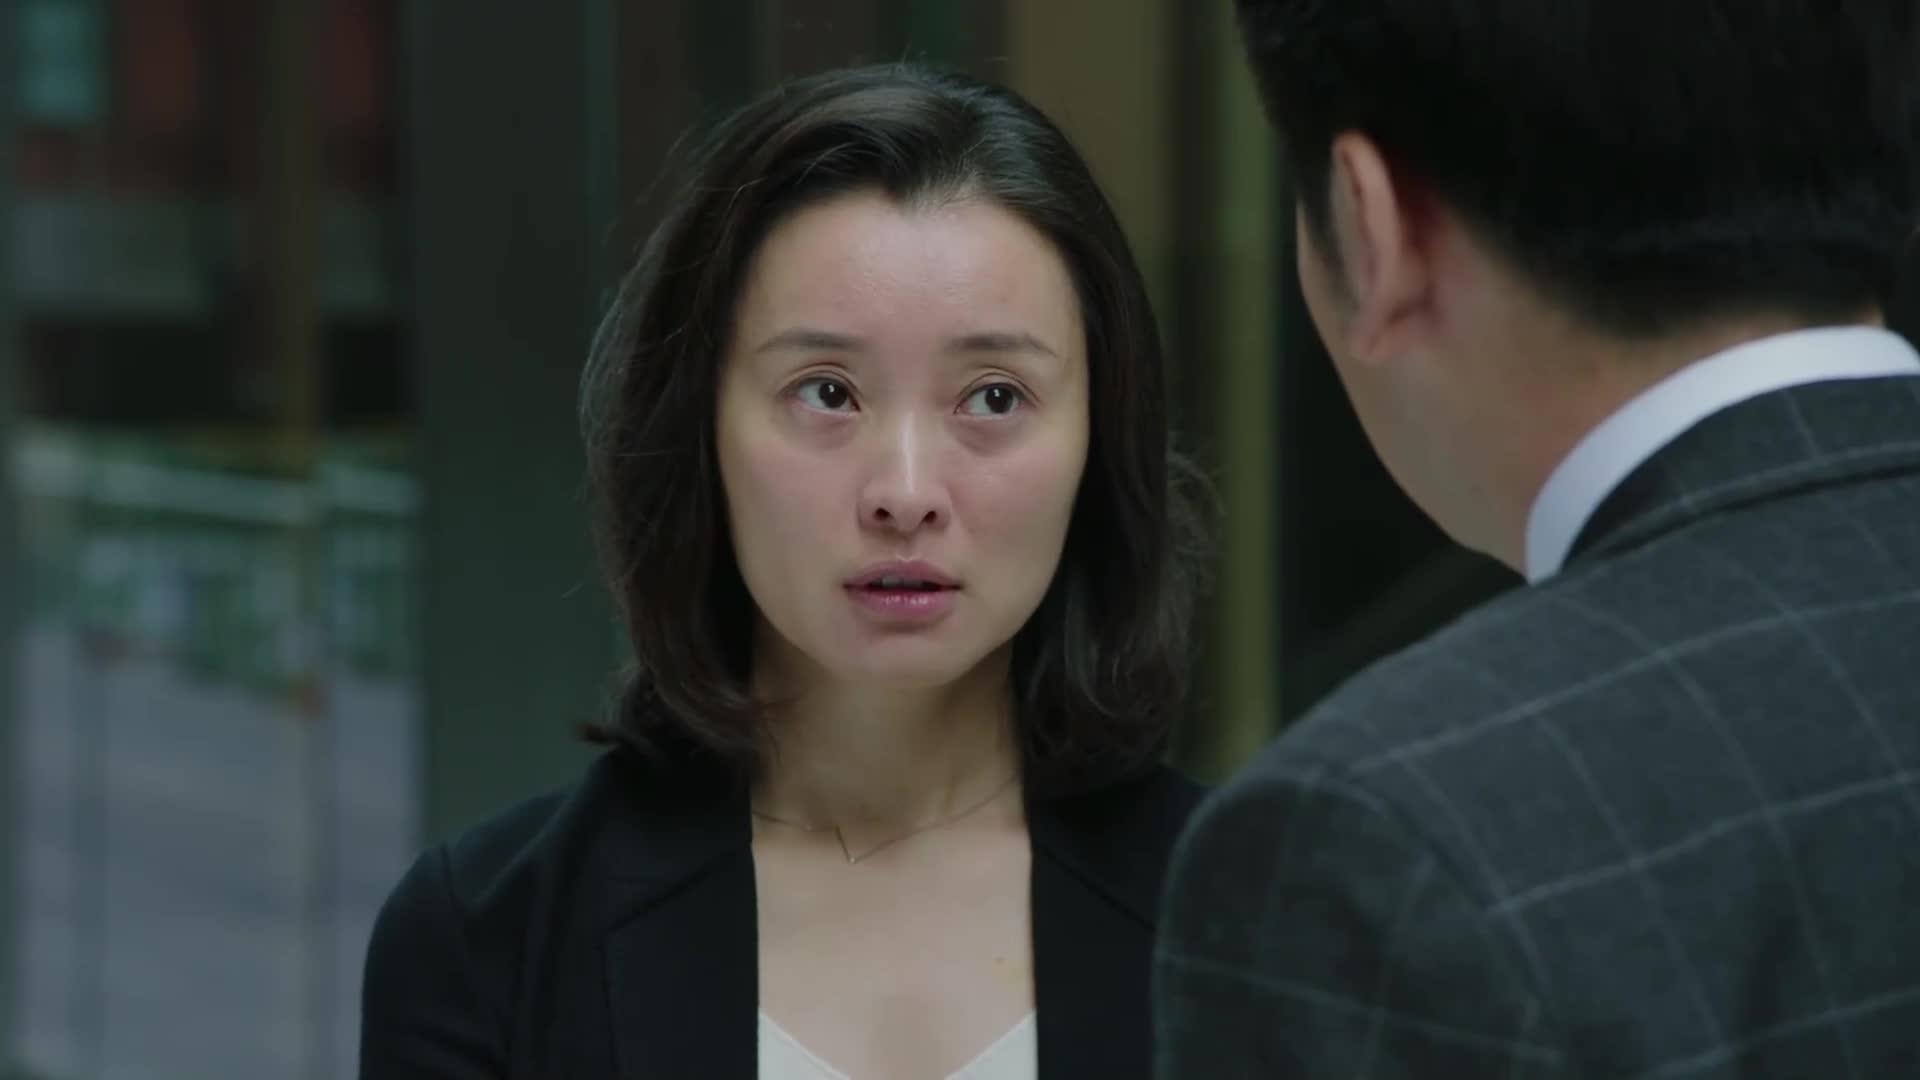 我的前半生:马伊琍凌玲撞车,网友:陈俊生,艳福不浅!